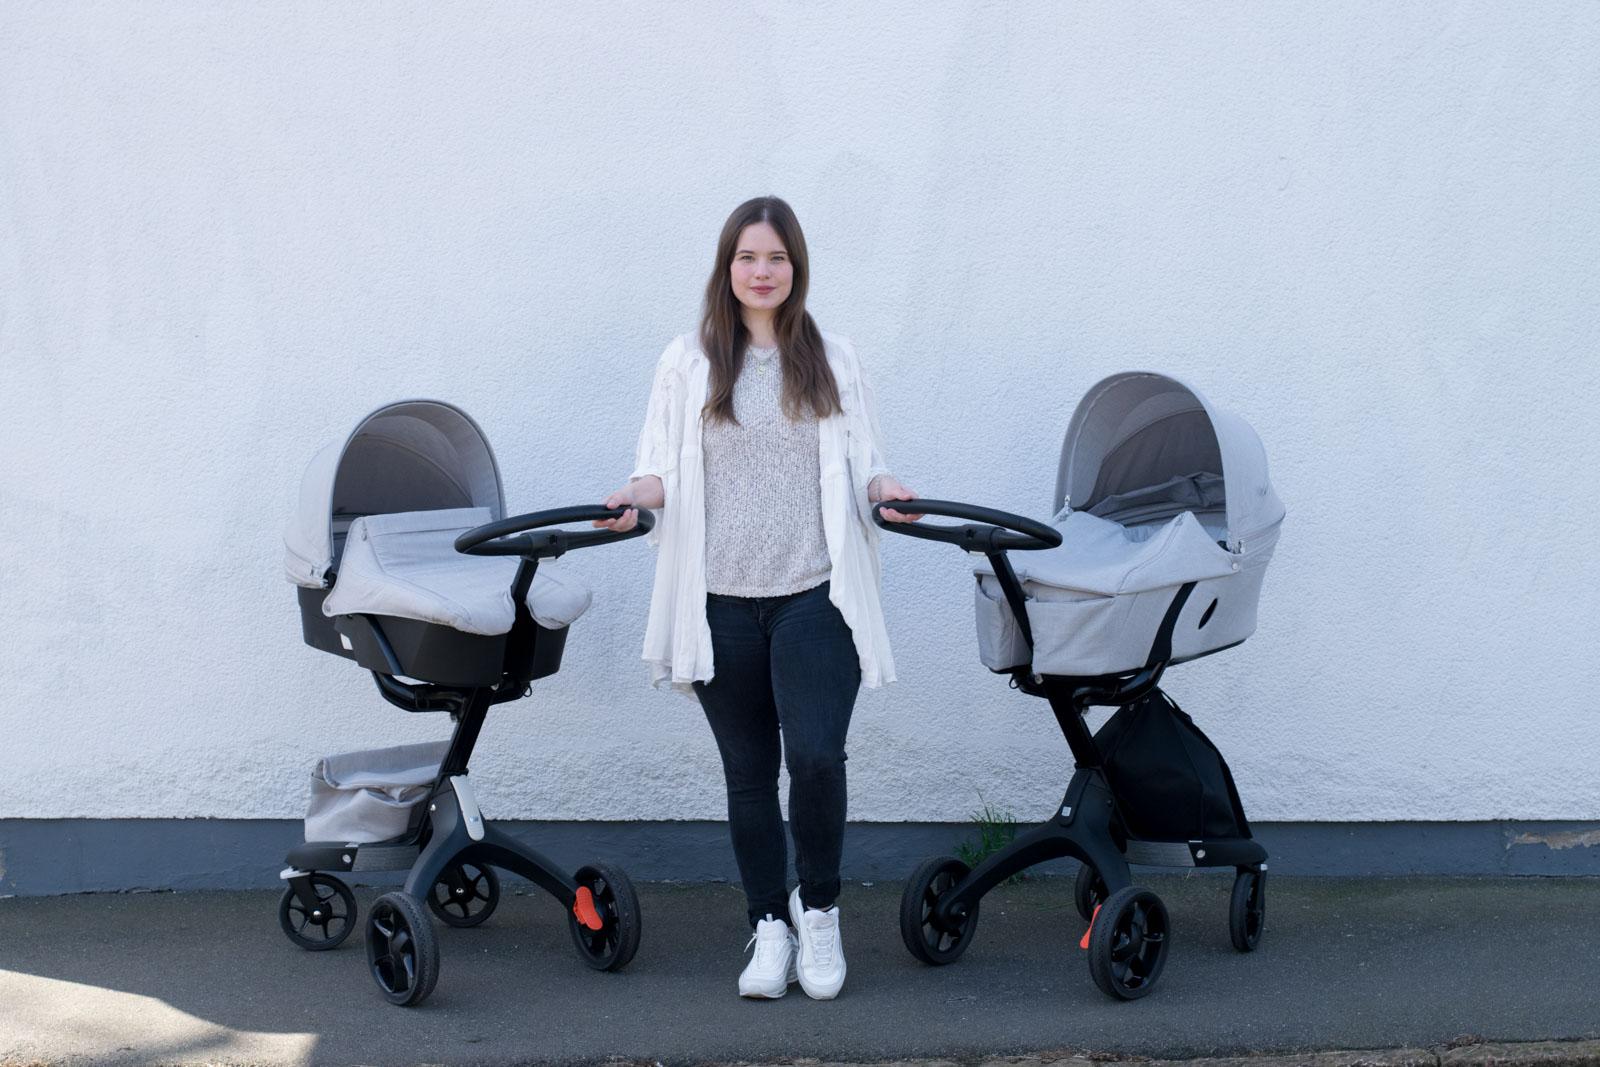 Hochstuhl Stokke Test ~ Ein hochstuhl für jedes alter stokke steps im test schwanger at